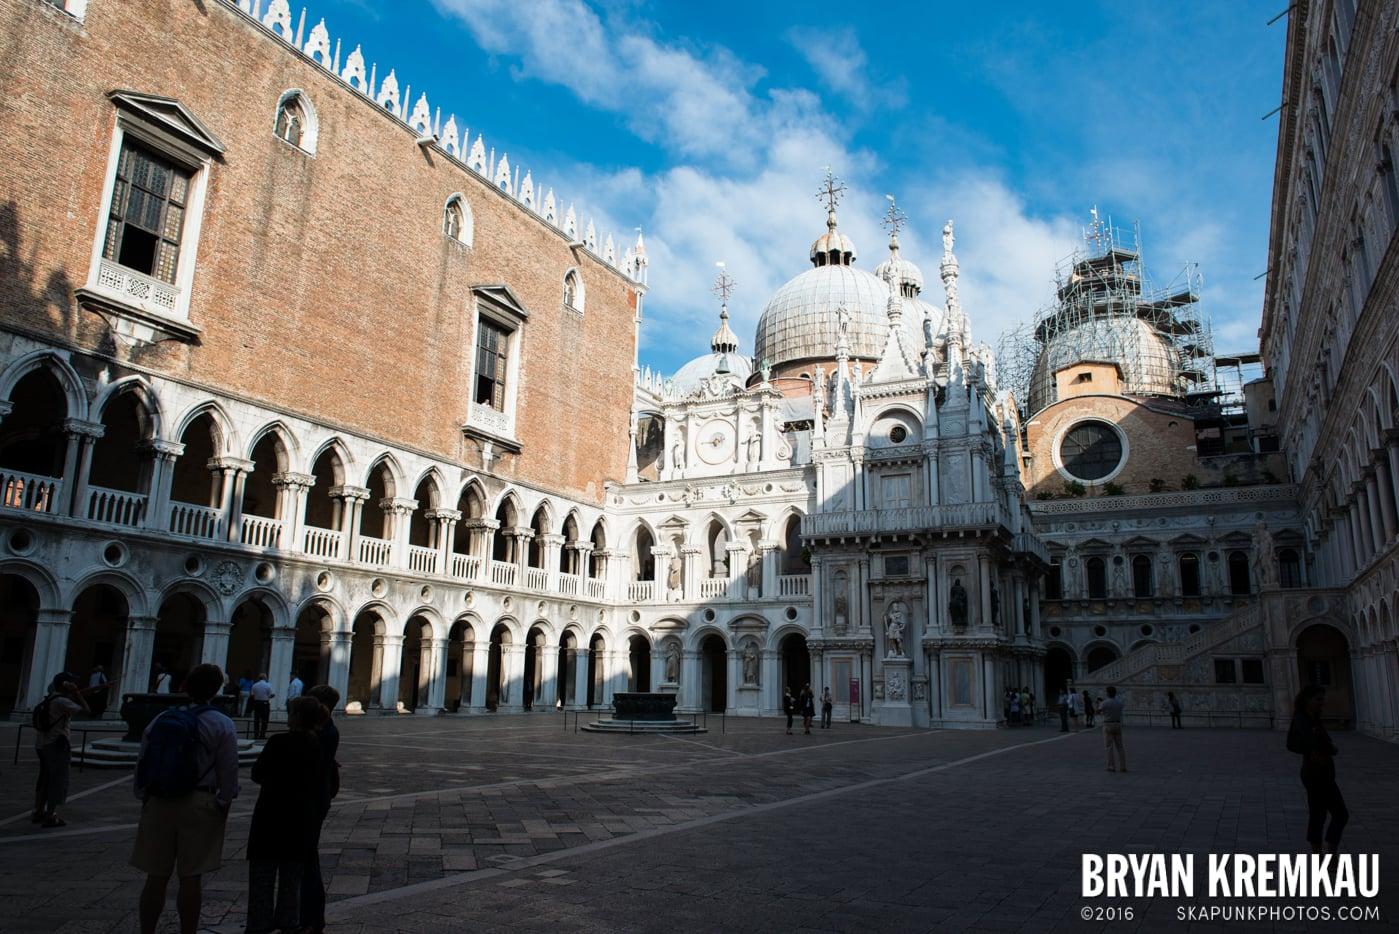 Italy Vacation - Day 5: Venice - 9.13.13 (80)